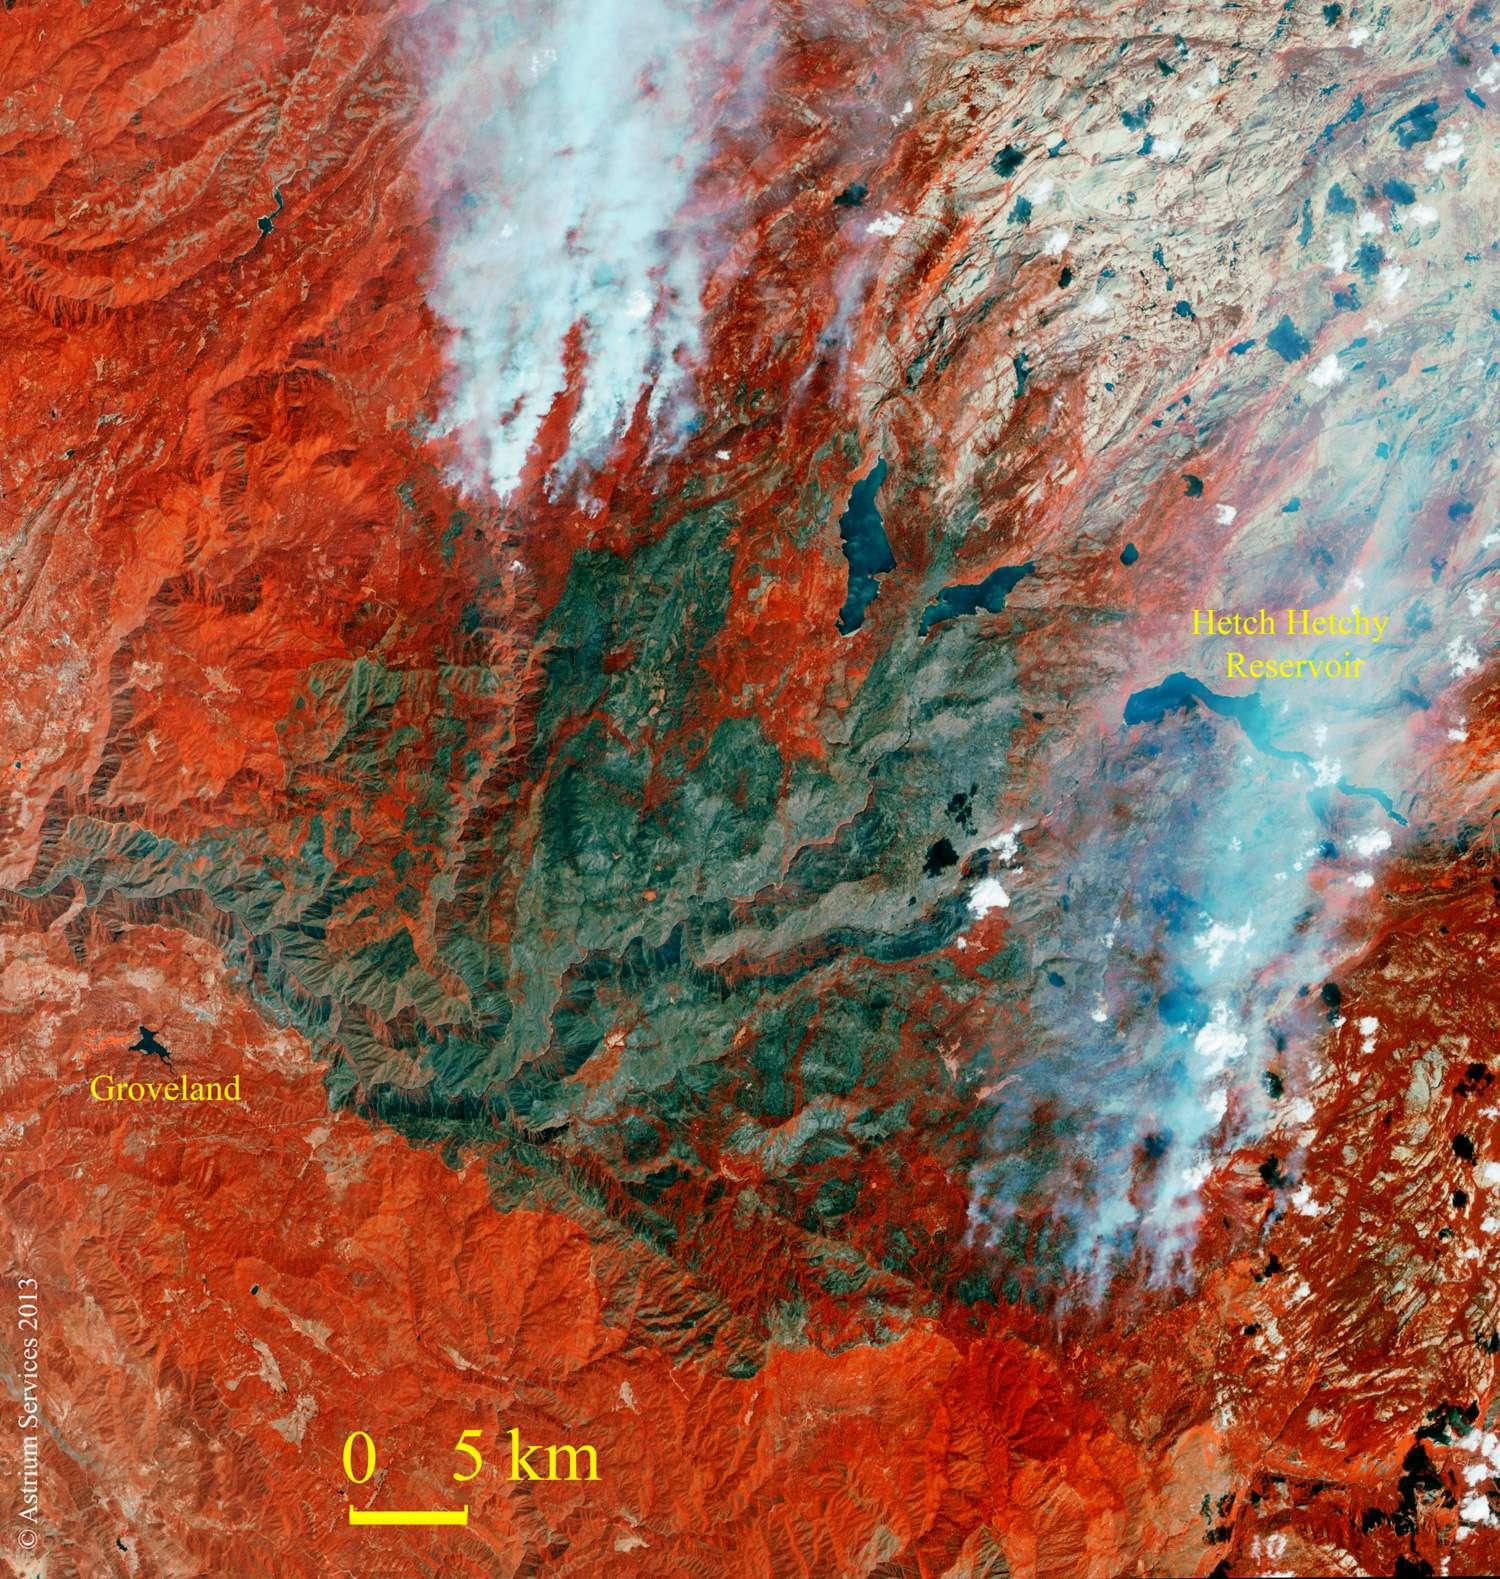 L'incendie de Yosemite, observé par le satellite Spot-6 dans le proche infrarouge. Cette bande fait apparaître très distinctement les zones boisées en rouge et les espaces brûlés en brun. © Astrium Services, 2013